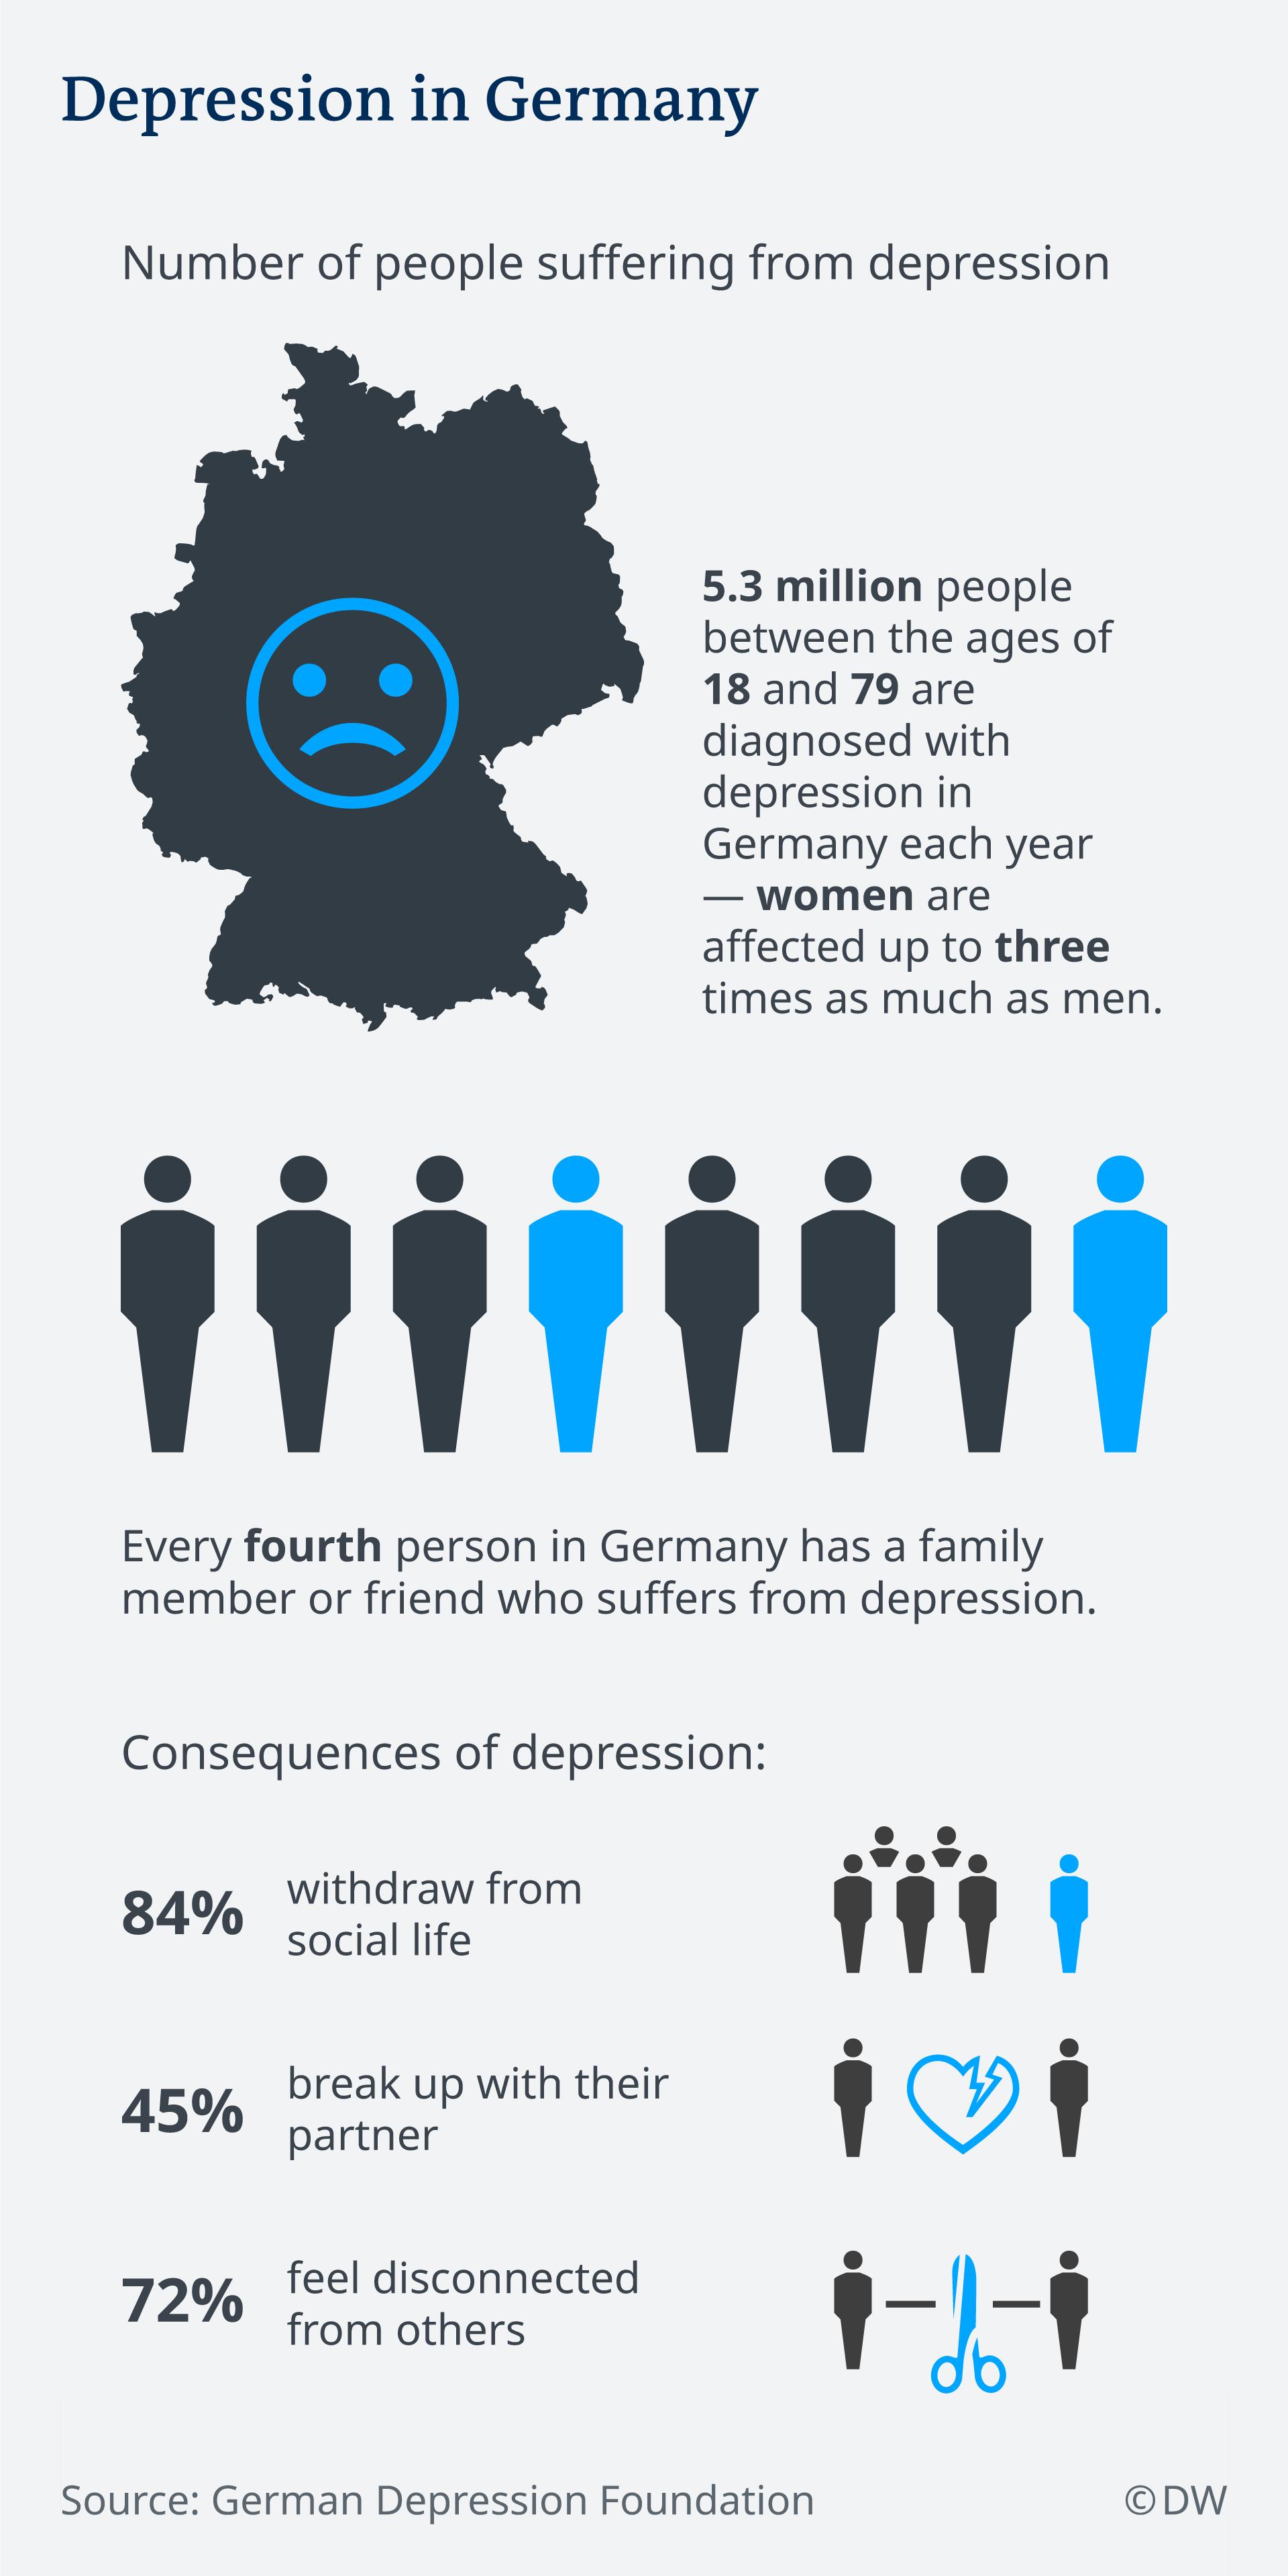 Statistică - depresia în Germania